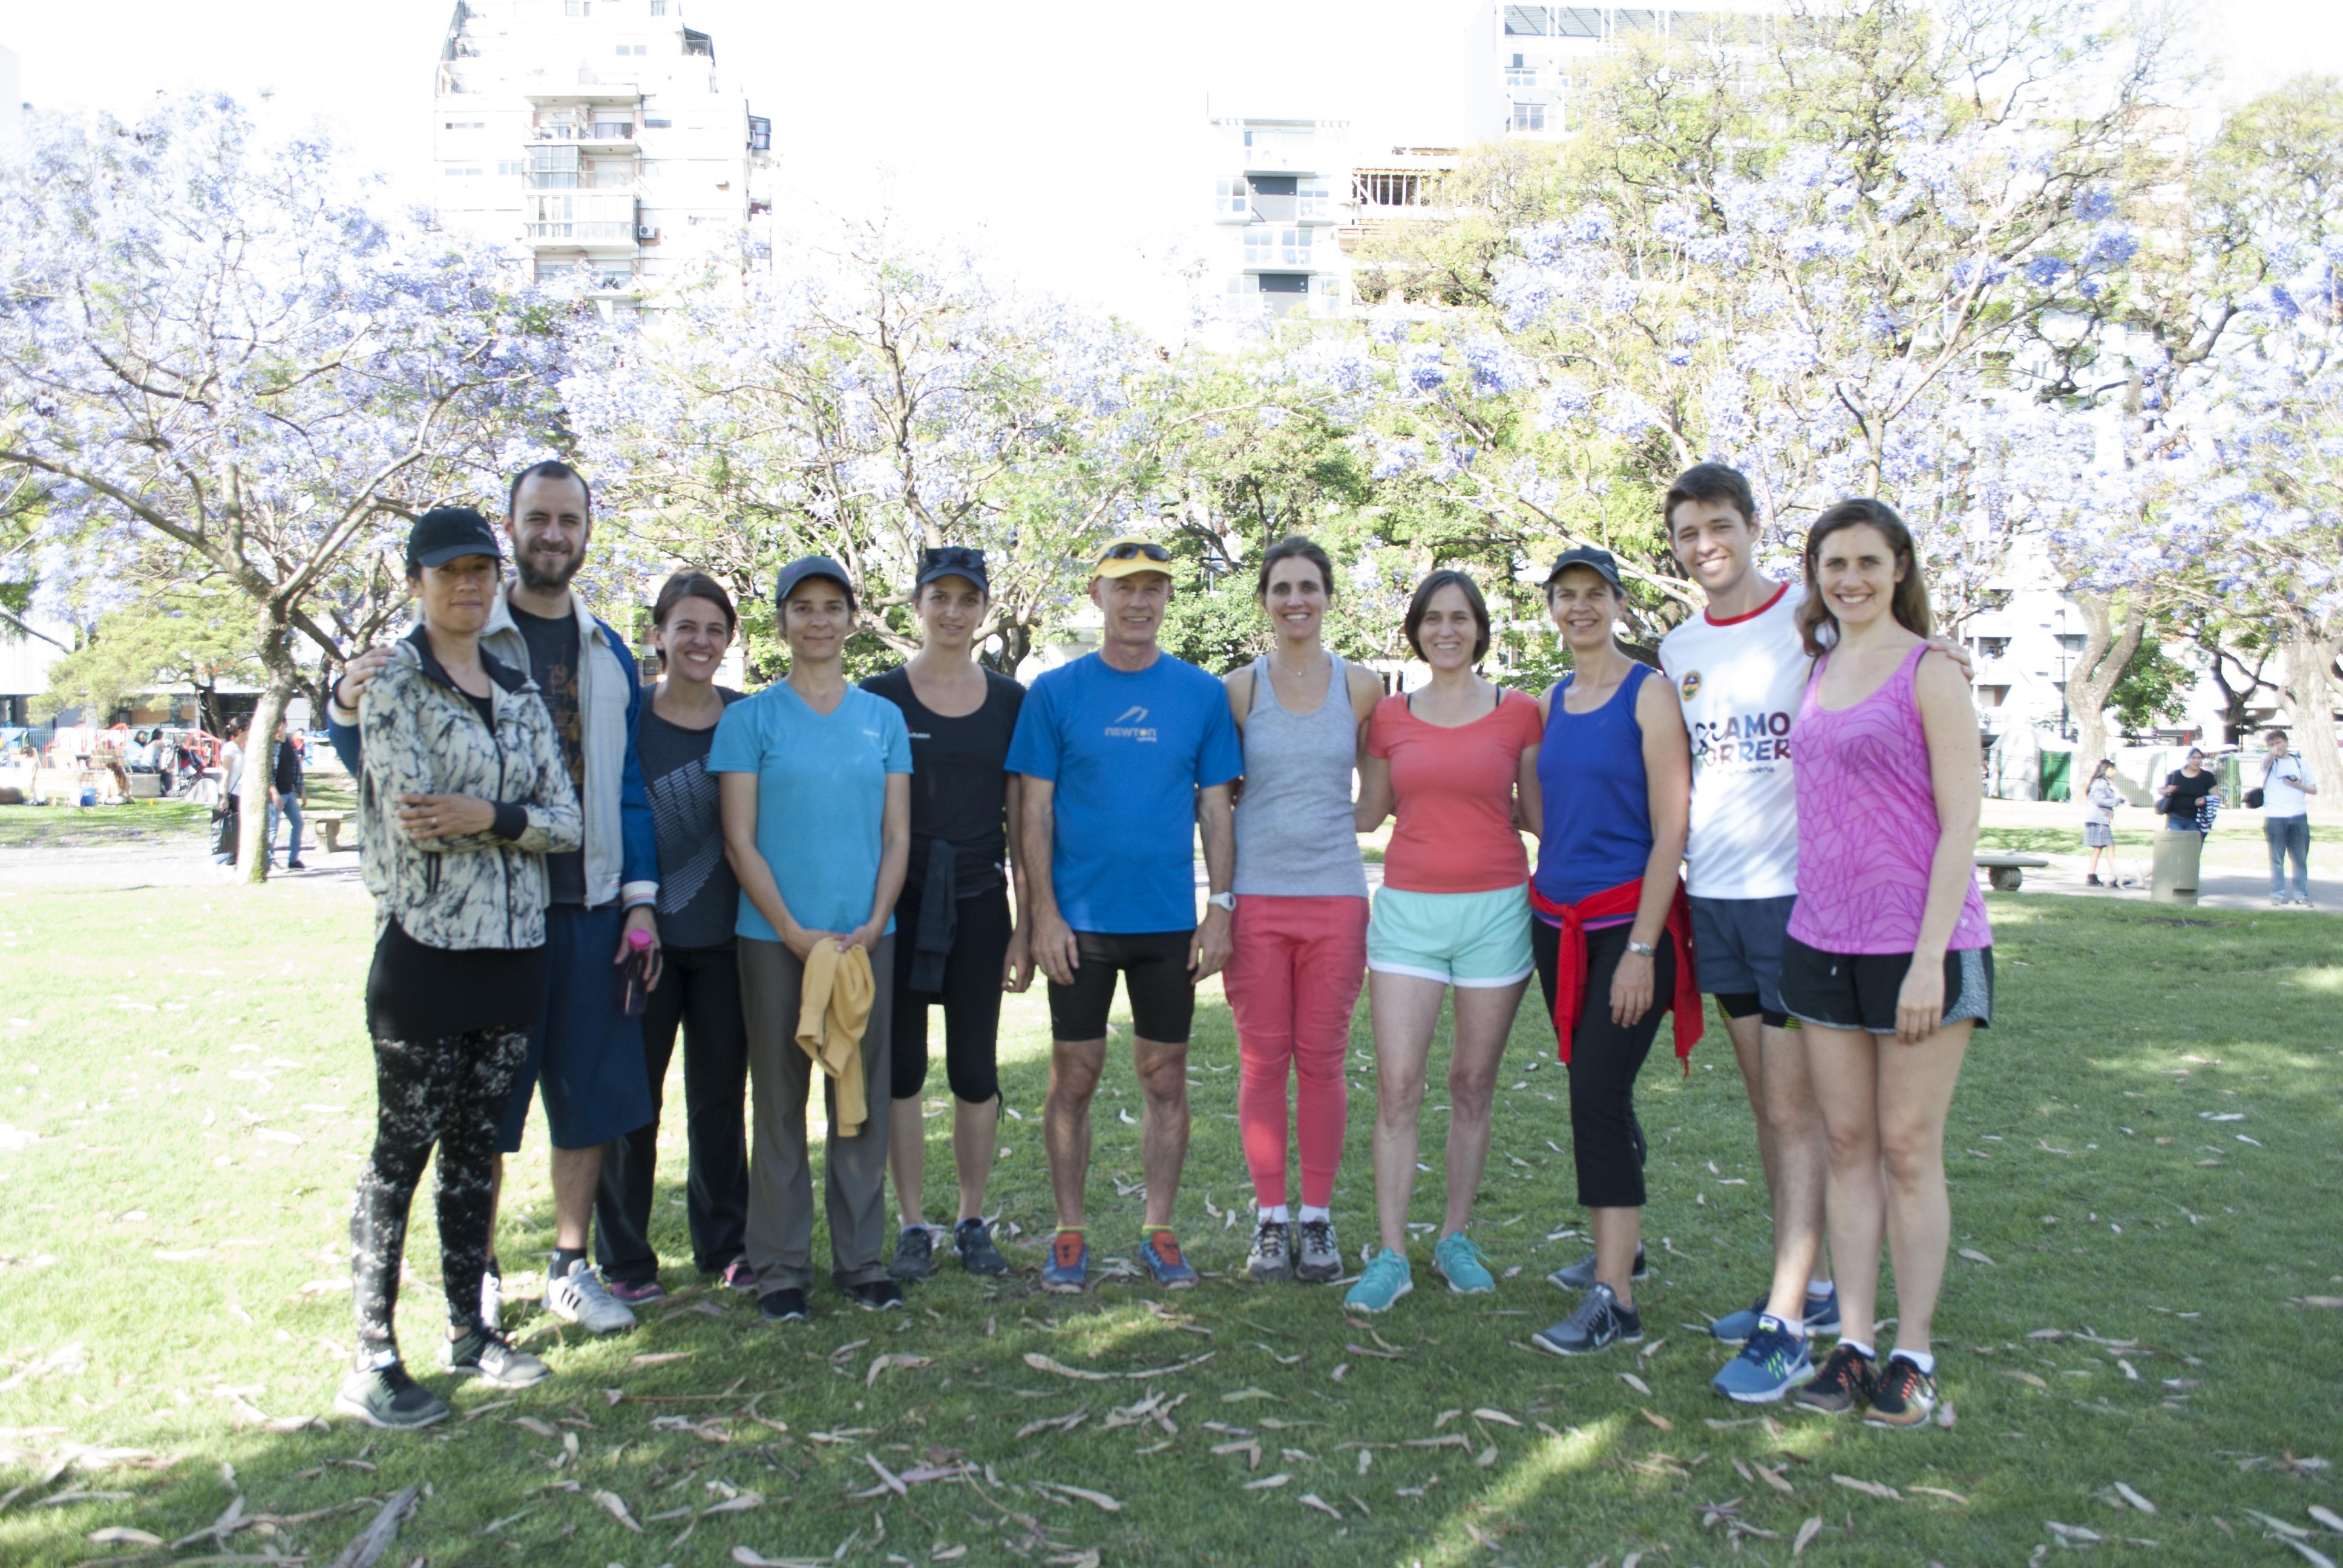 Equipo del Arte de Correr Argentina Uruguay